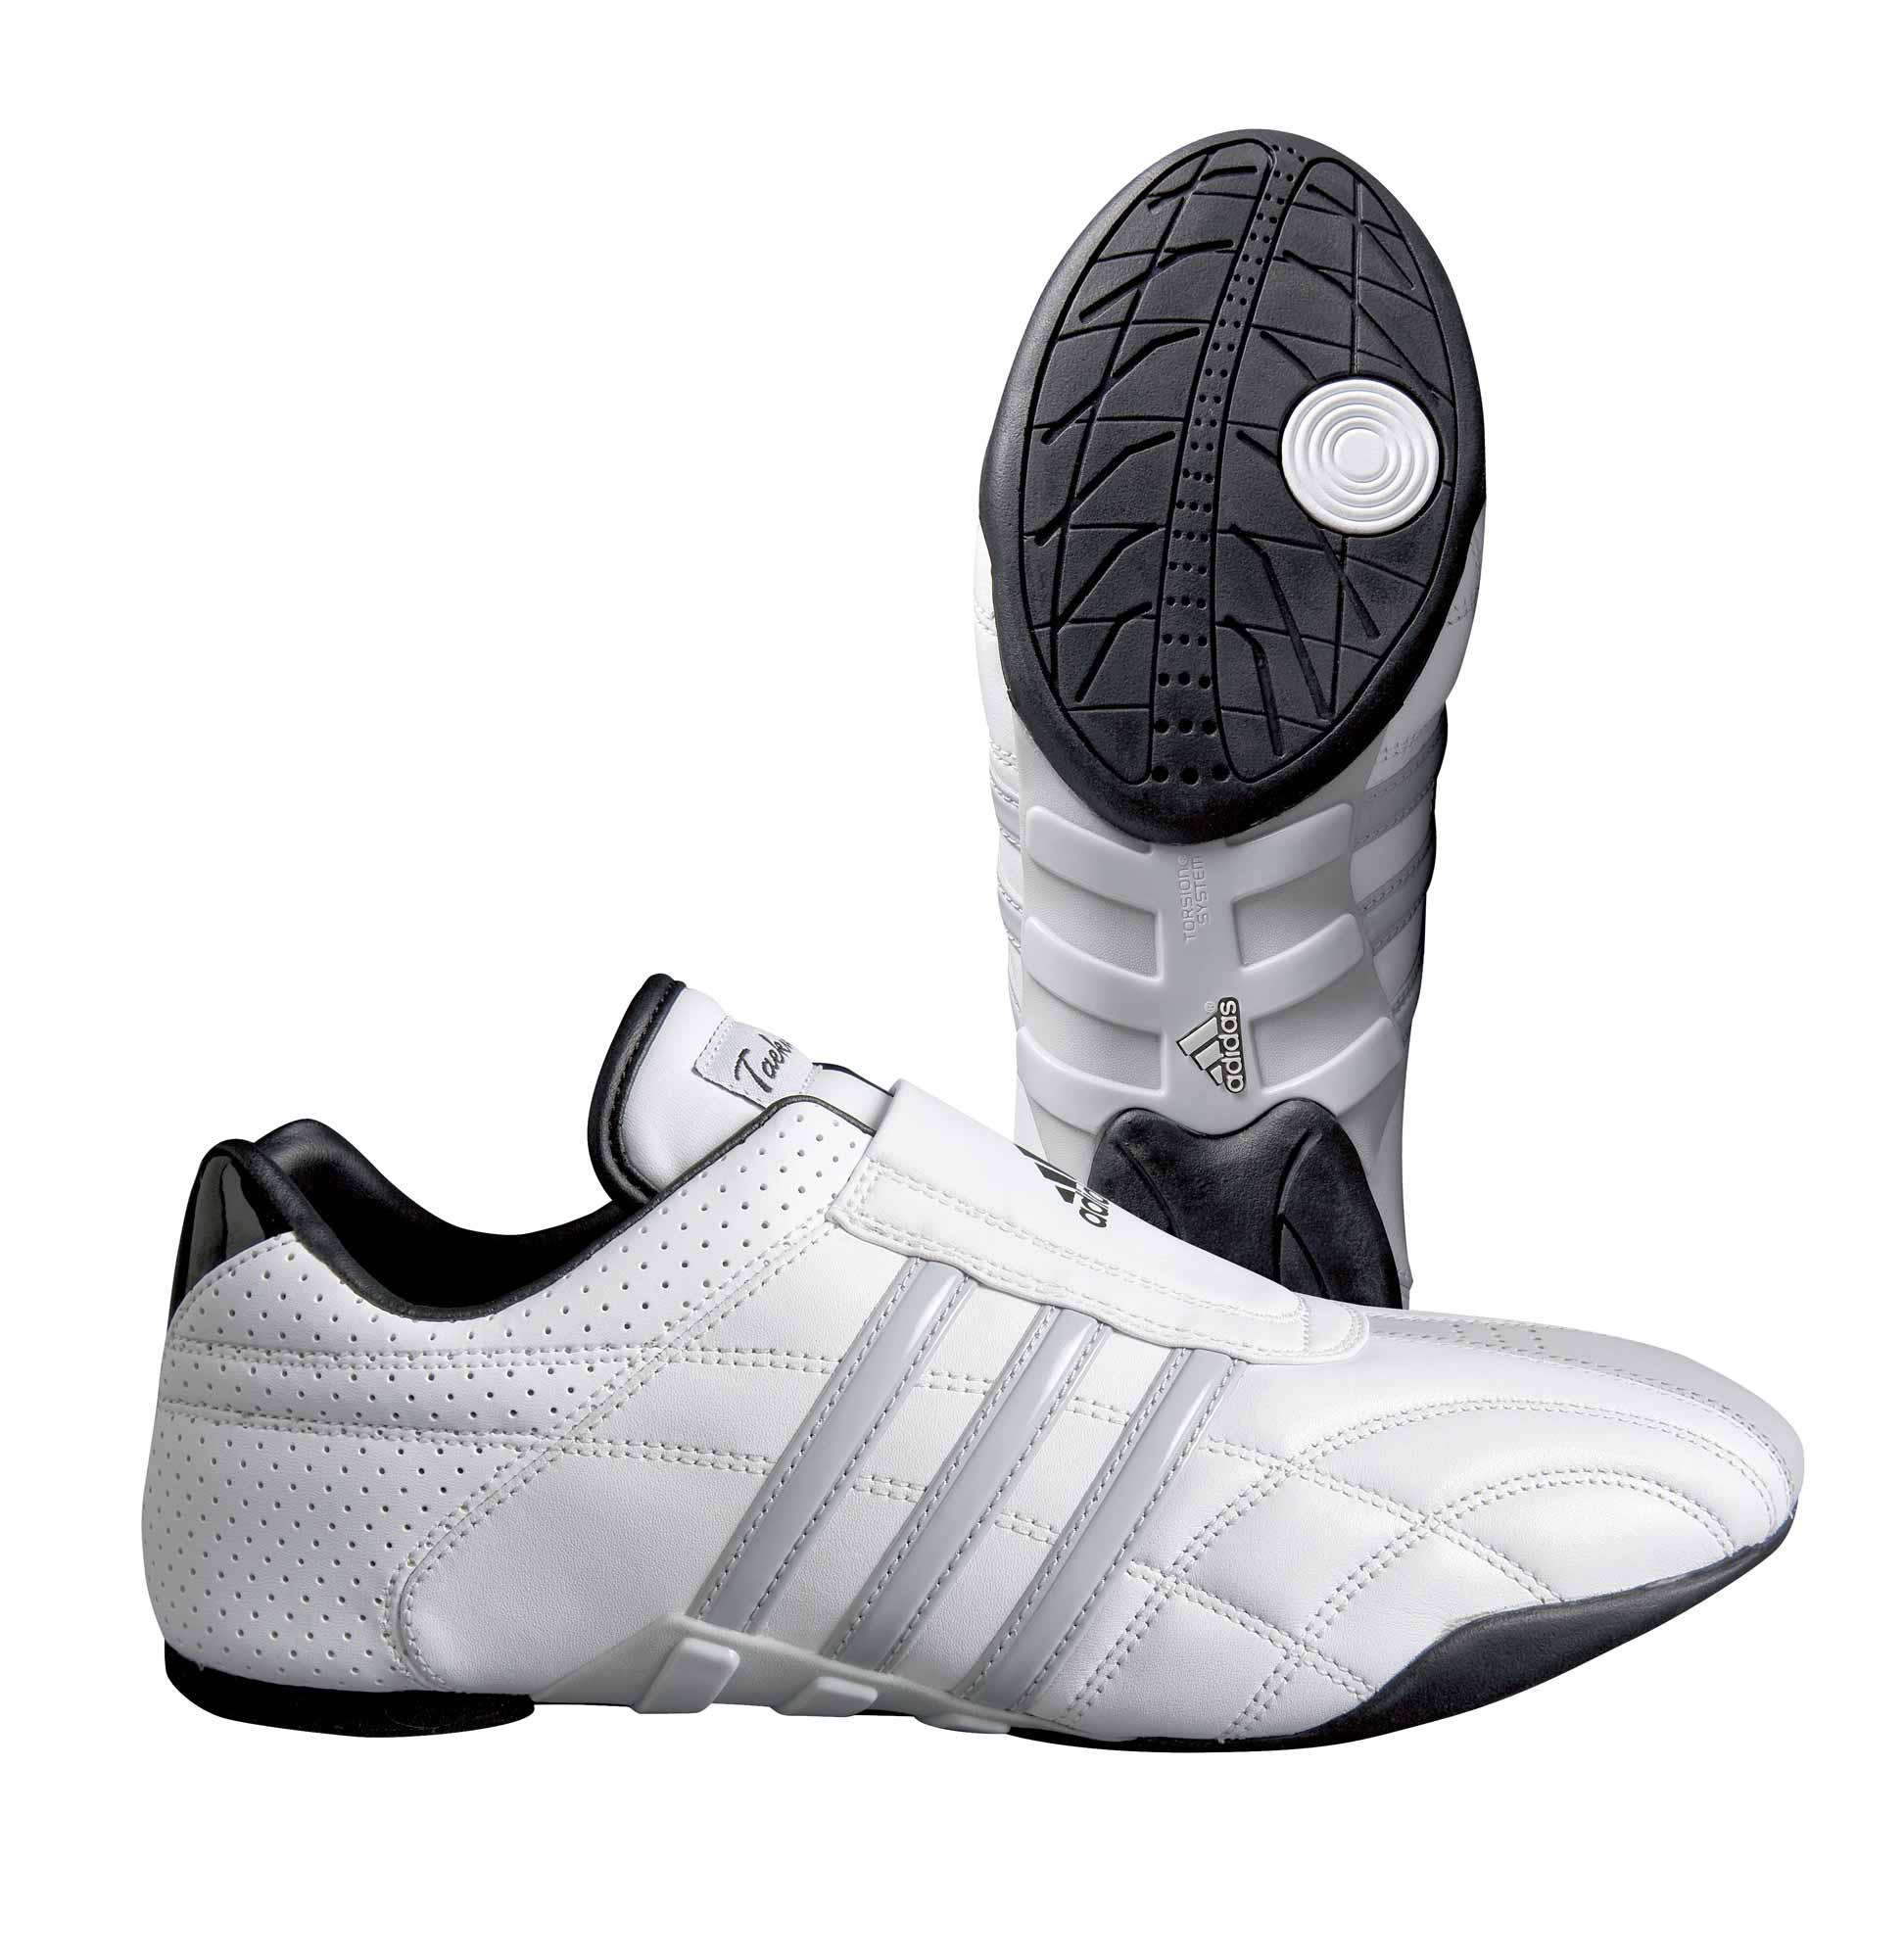 Adilux Mit Adidas Weiß Streifen Grauen zVLjGqSpUM